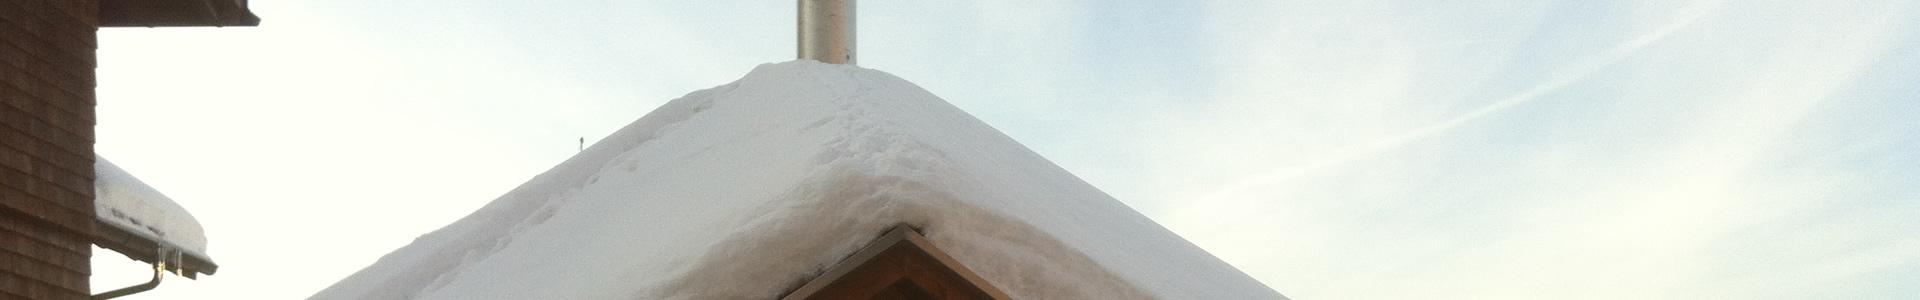 Banner für Winteranlass